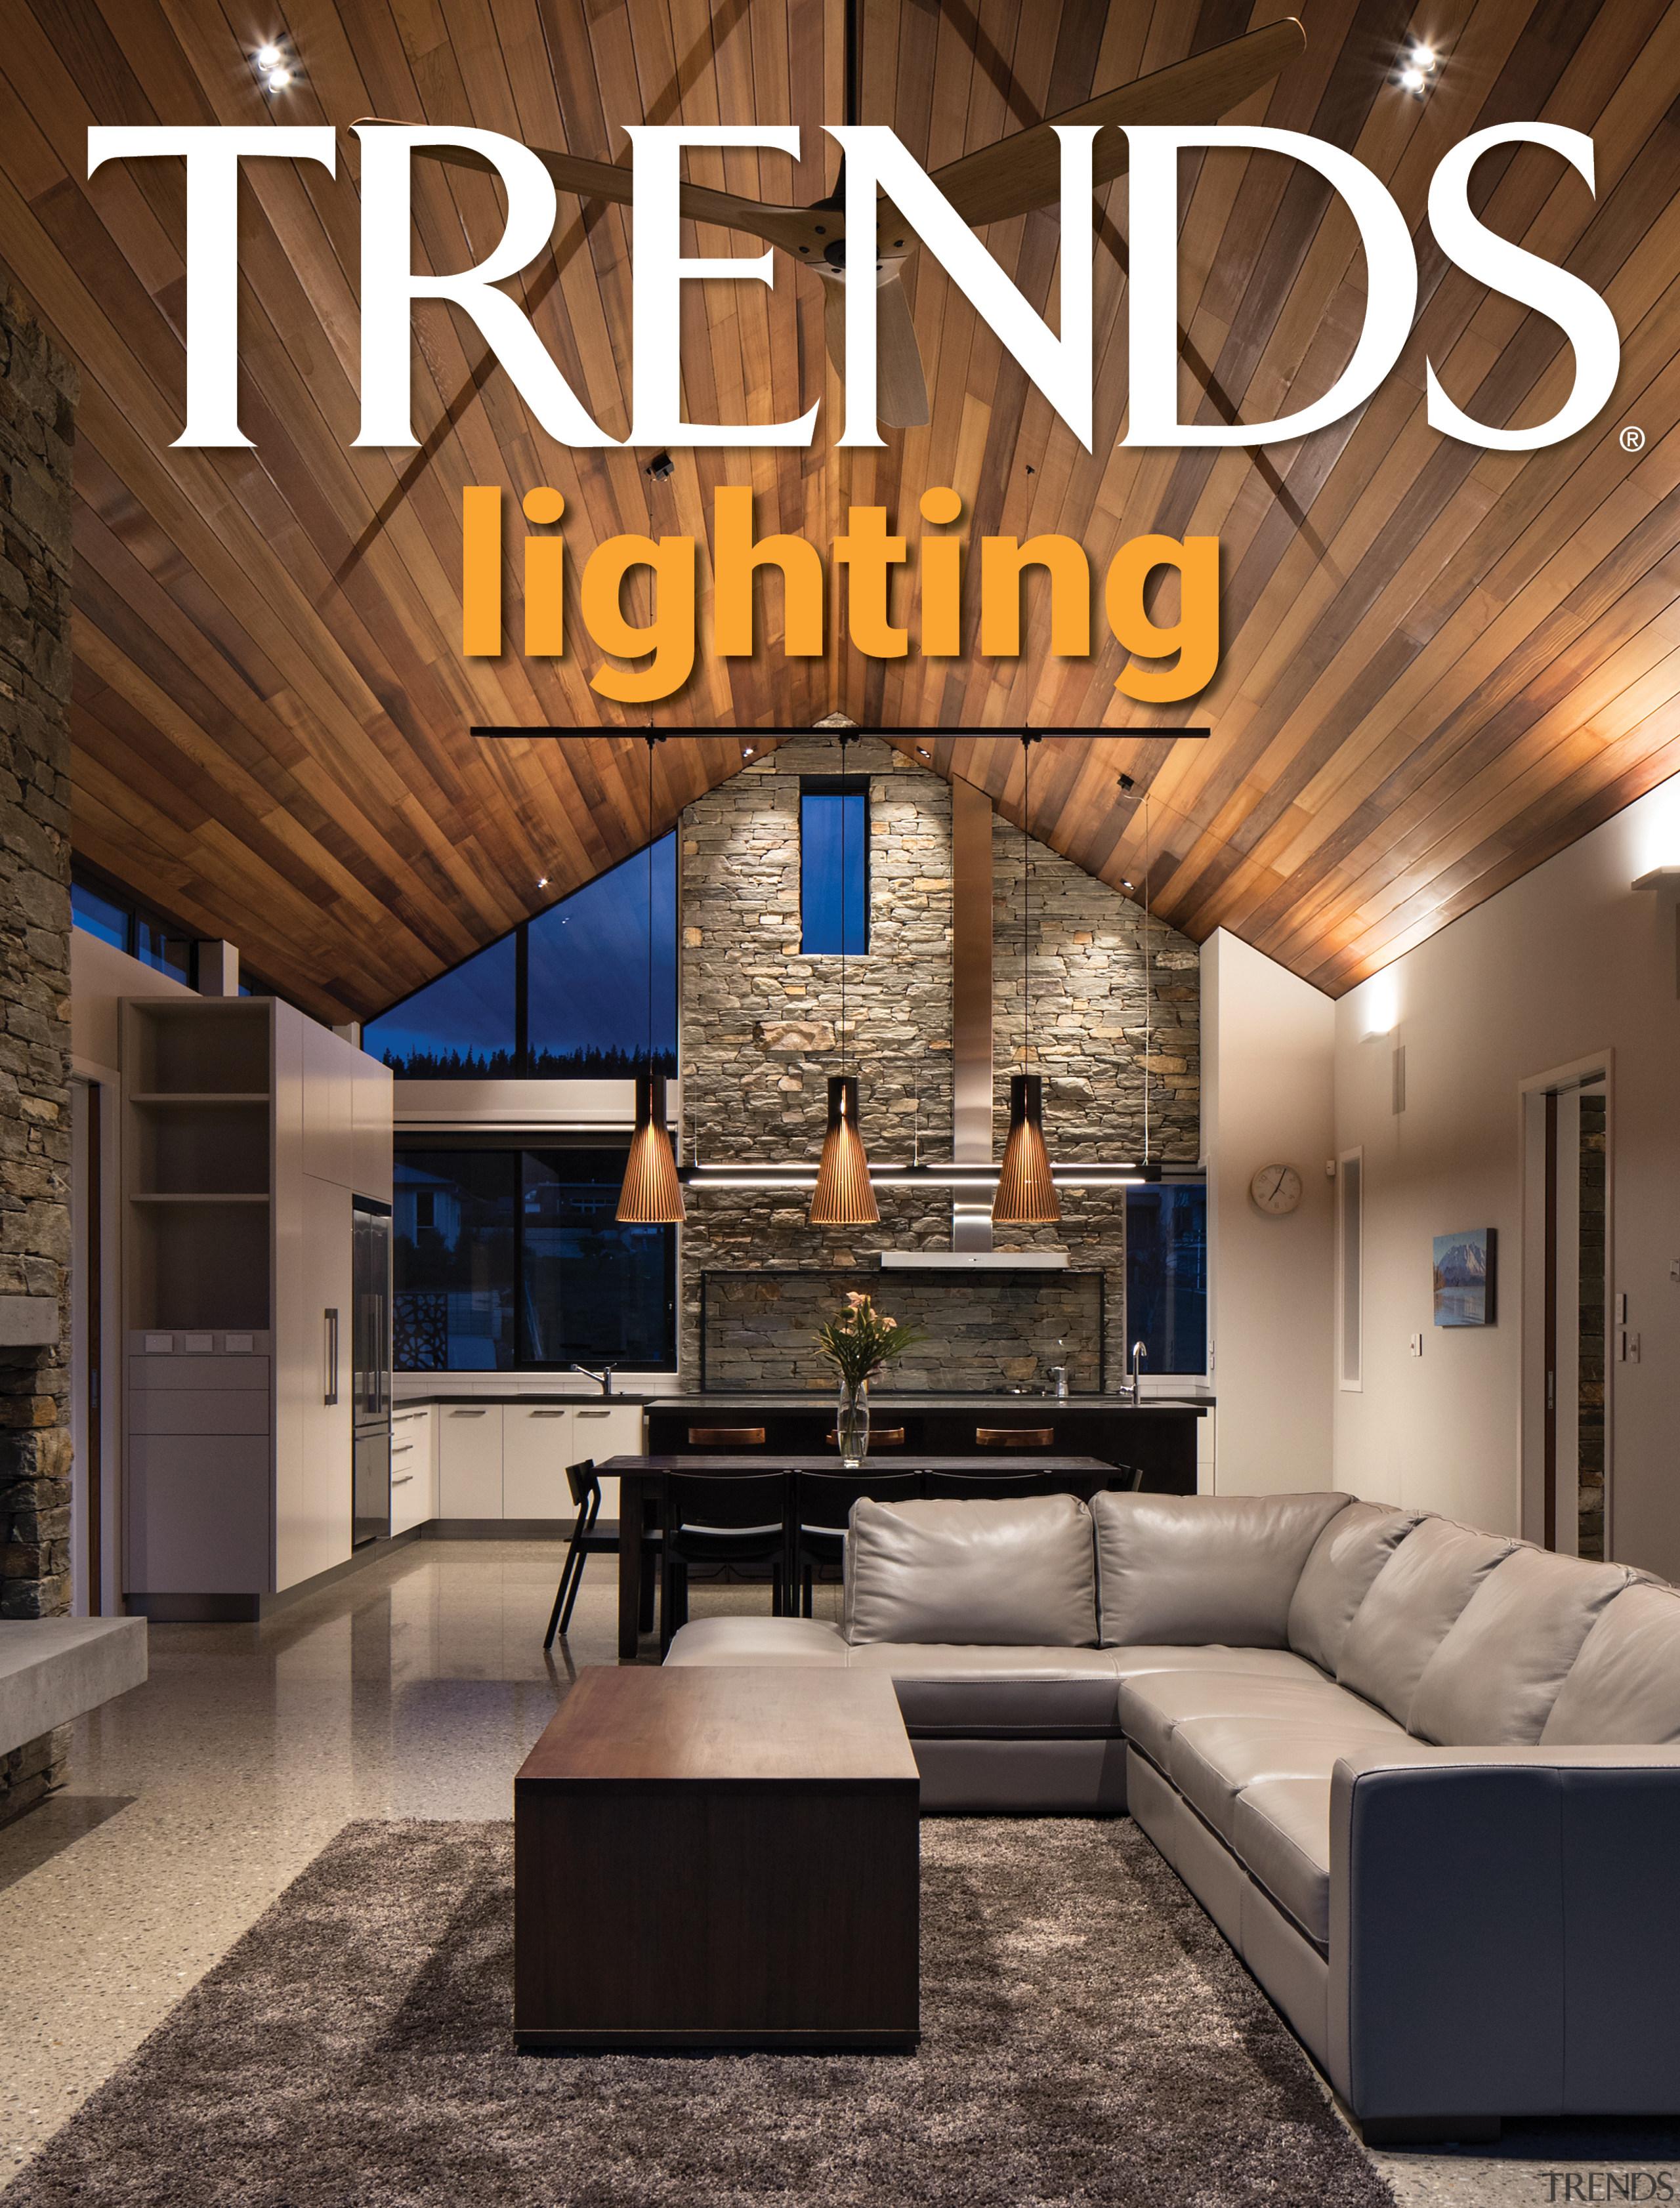 TRENDS MINI COVER lighting -